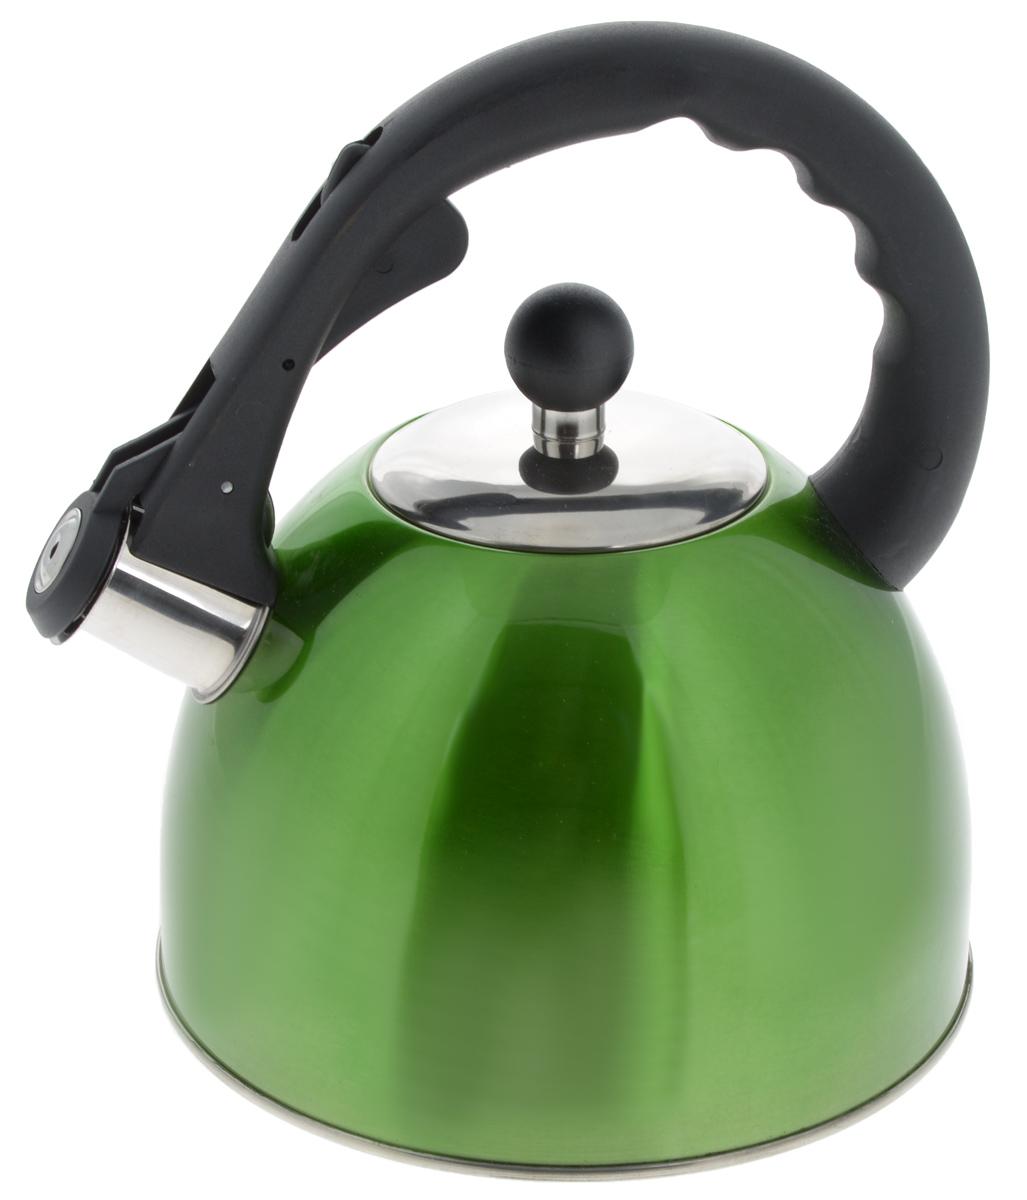 Чайник Mayer & Boch, со свистком, цвет: зеленый, 2,5 л. 2319823198_зеленыйЧайник Mayer & Boch изготовлен из высококачественной нержавеющей стали с трехслойным термоаккумулирующим дном, которое позволяет быстро распределять и долго удерживать тепло. Носик чайника оснащен откидным свистком, звуковой сигнал которого подскажет, когда закипит вода. Свисток открывается нажатием кнопки на ручке. Чайник снабжен эргономичной ручкой, выполненной из термостойкого нейлона. Чайник Mayer & Boch - качественное исполнение и стильное решение для вашей кухни. Подходит для использования на всех типах плит, кроме индукционной. Также изделие можно мыть в посудомоечной машине. Высота чайника (без учета ручки и крышки): 13,5 см. Диаметр основания чайника: 19 см. Диаметр чайника (по верхнему краю): 9 см.